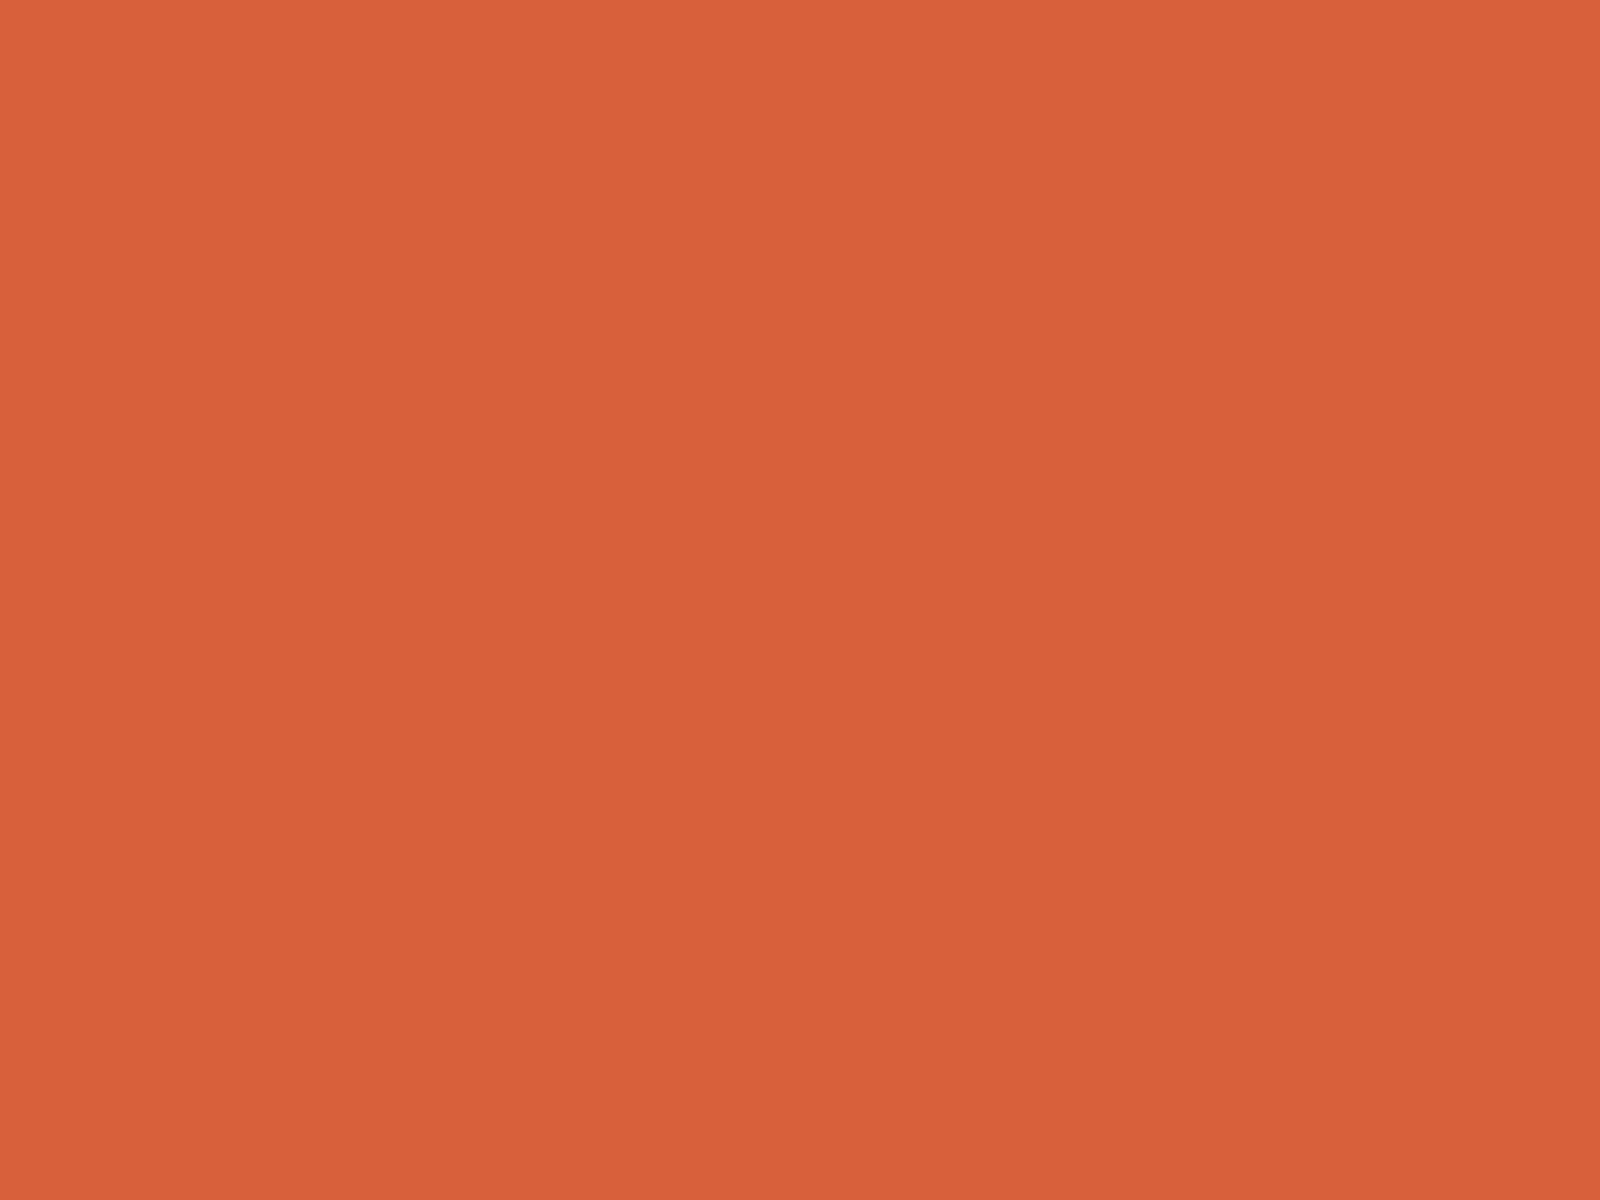 1600x1200 Vermilion Plochere Solid Color Background